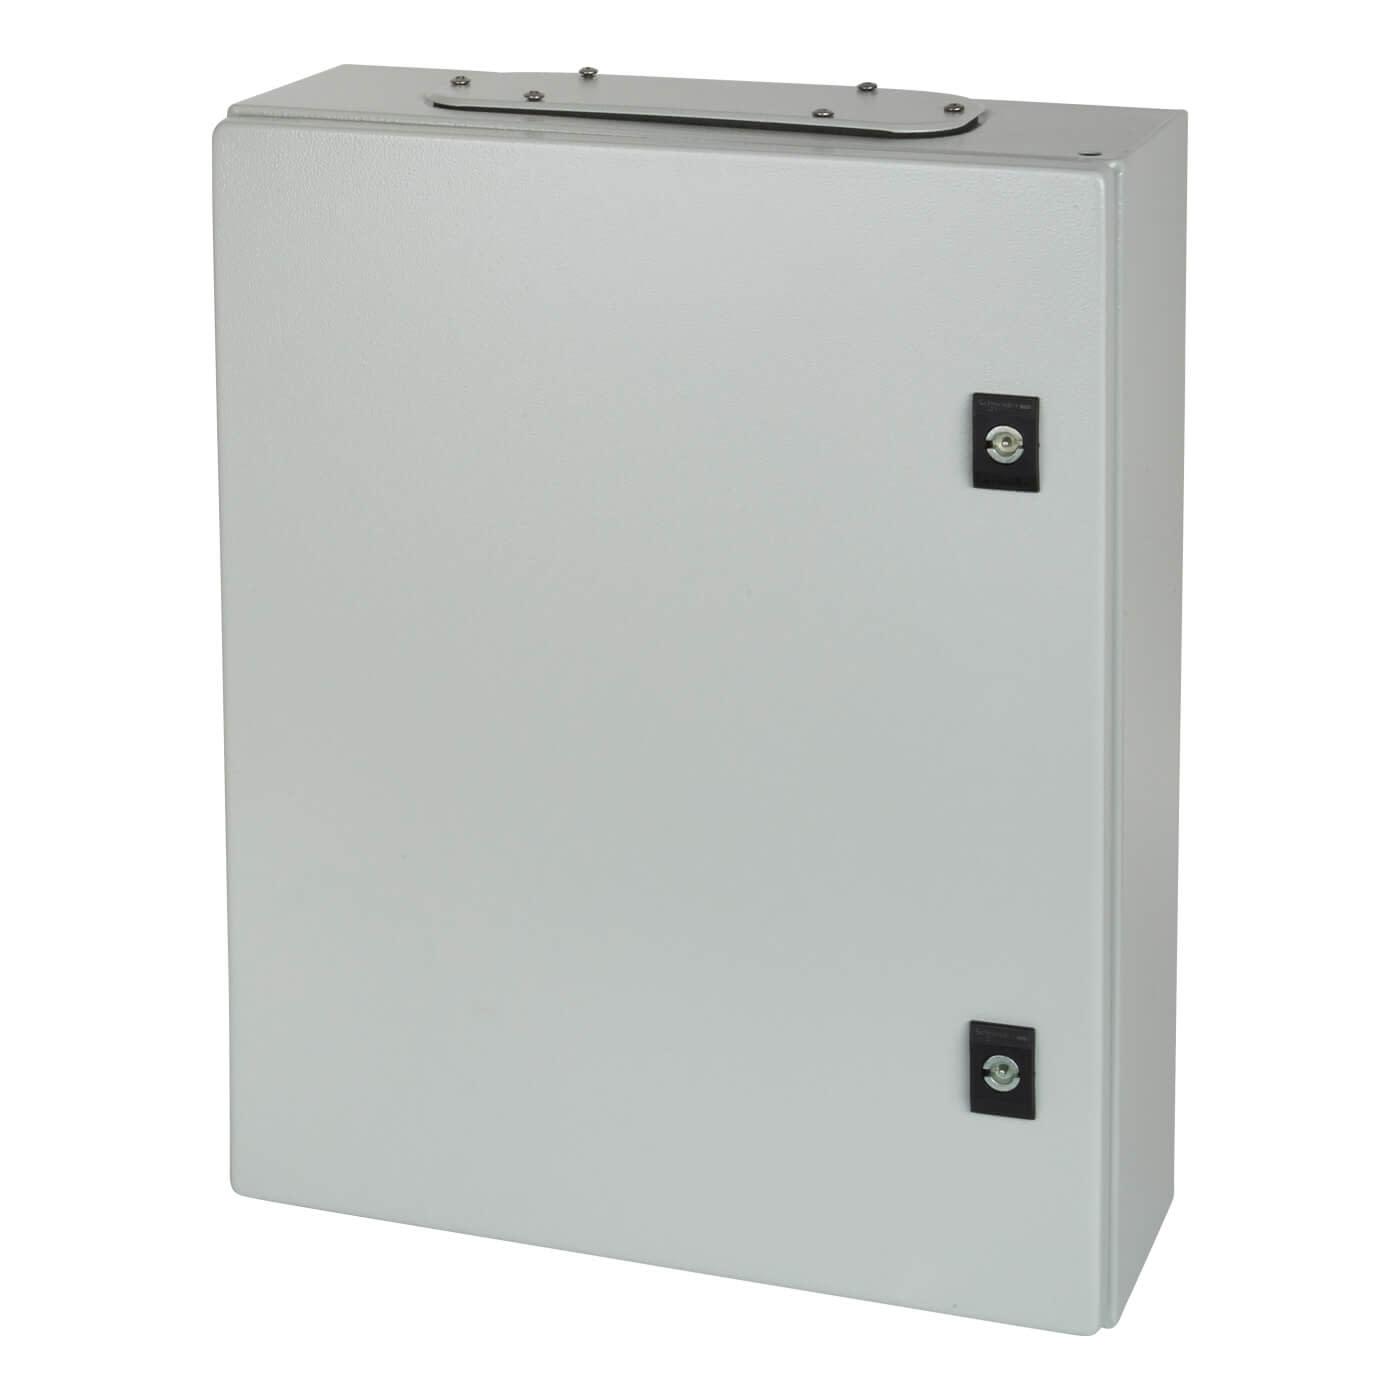 Schneider Metal Enclosure - 800 x 600 x 250mm)